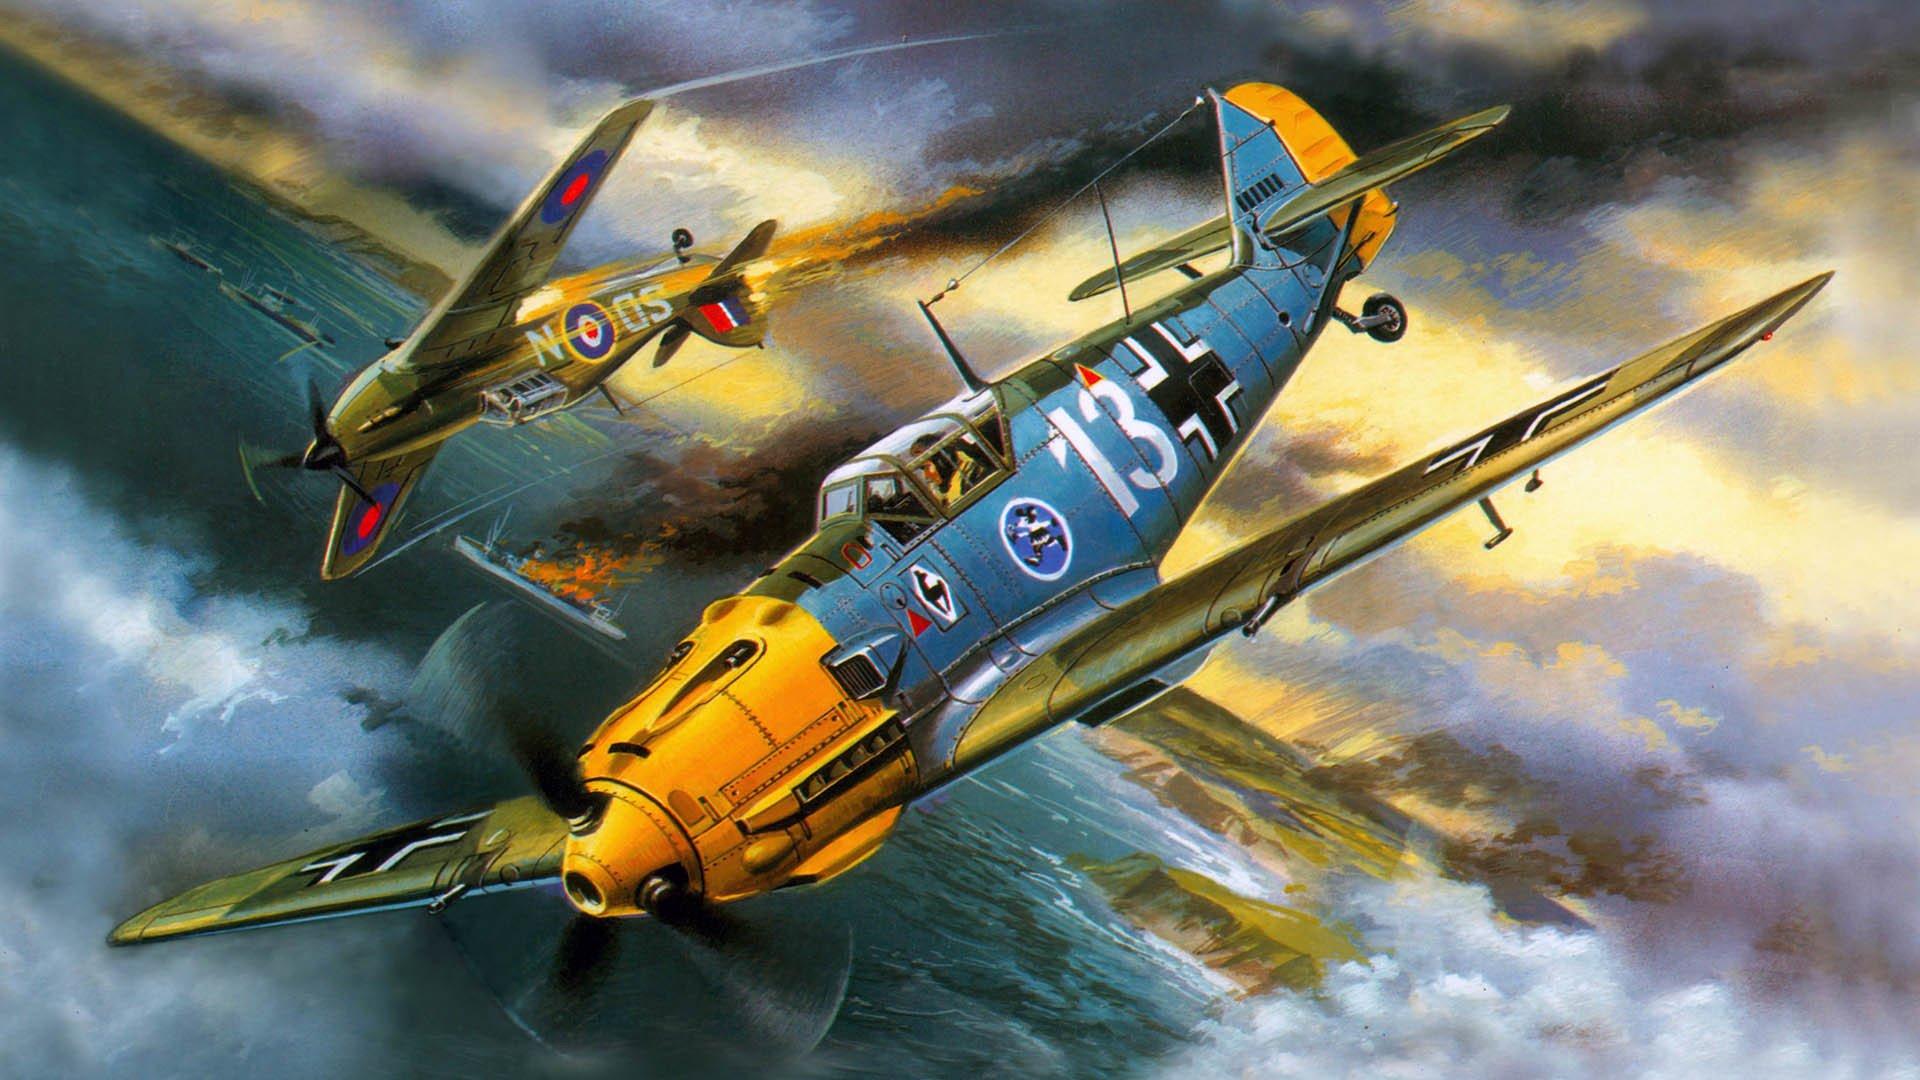 Обои подбитый, советский, самолеты, истребитель. Авиация foto 16